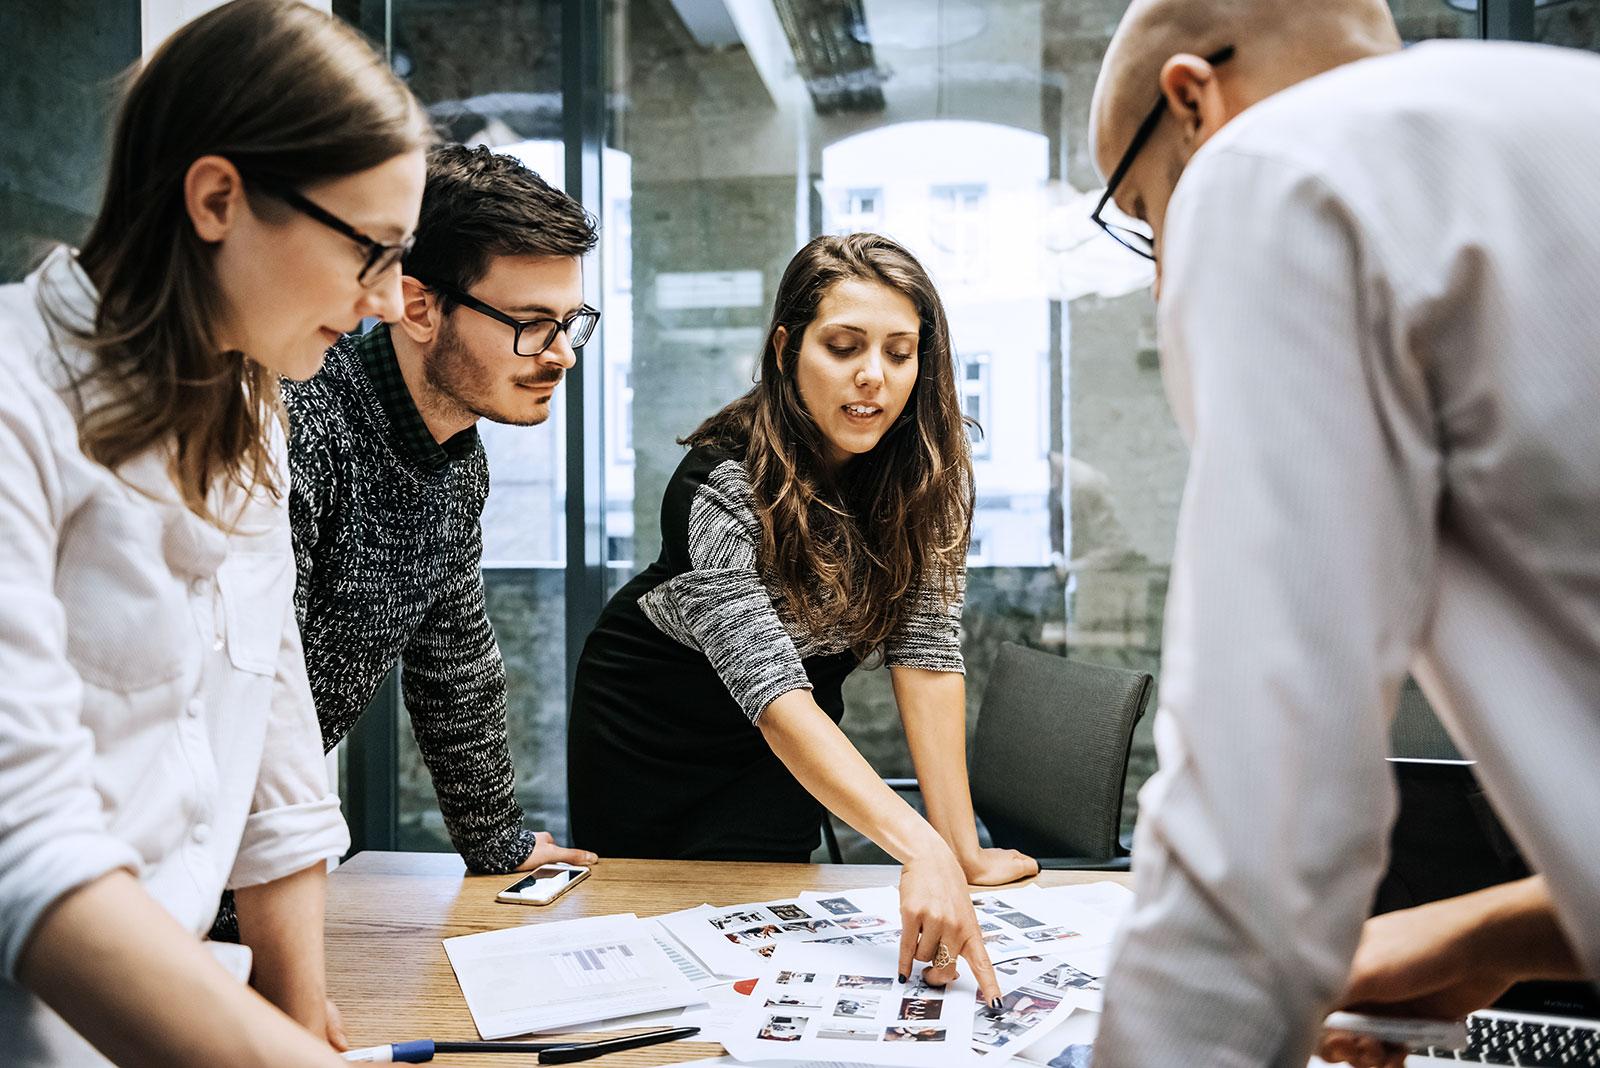 Transformación digital: por qué algunos equipos de trabajo están mejor preparados que otros